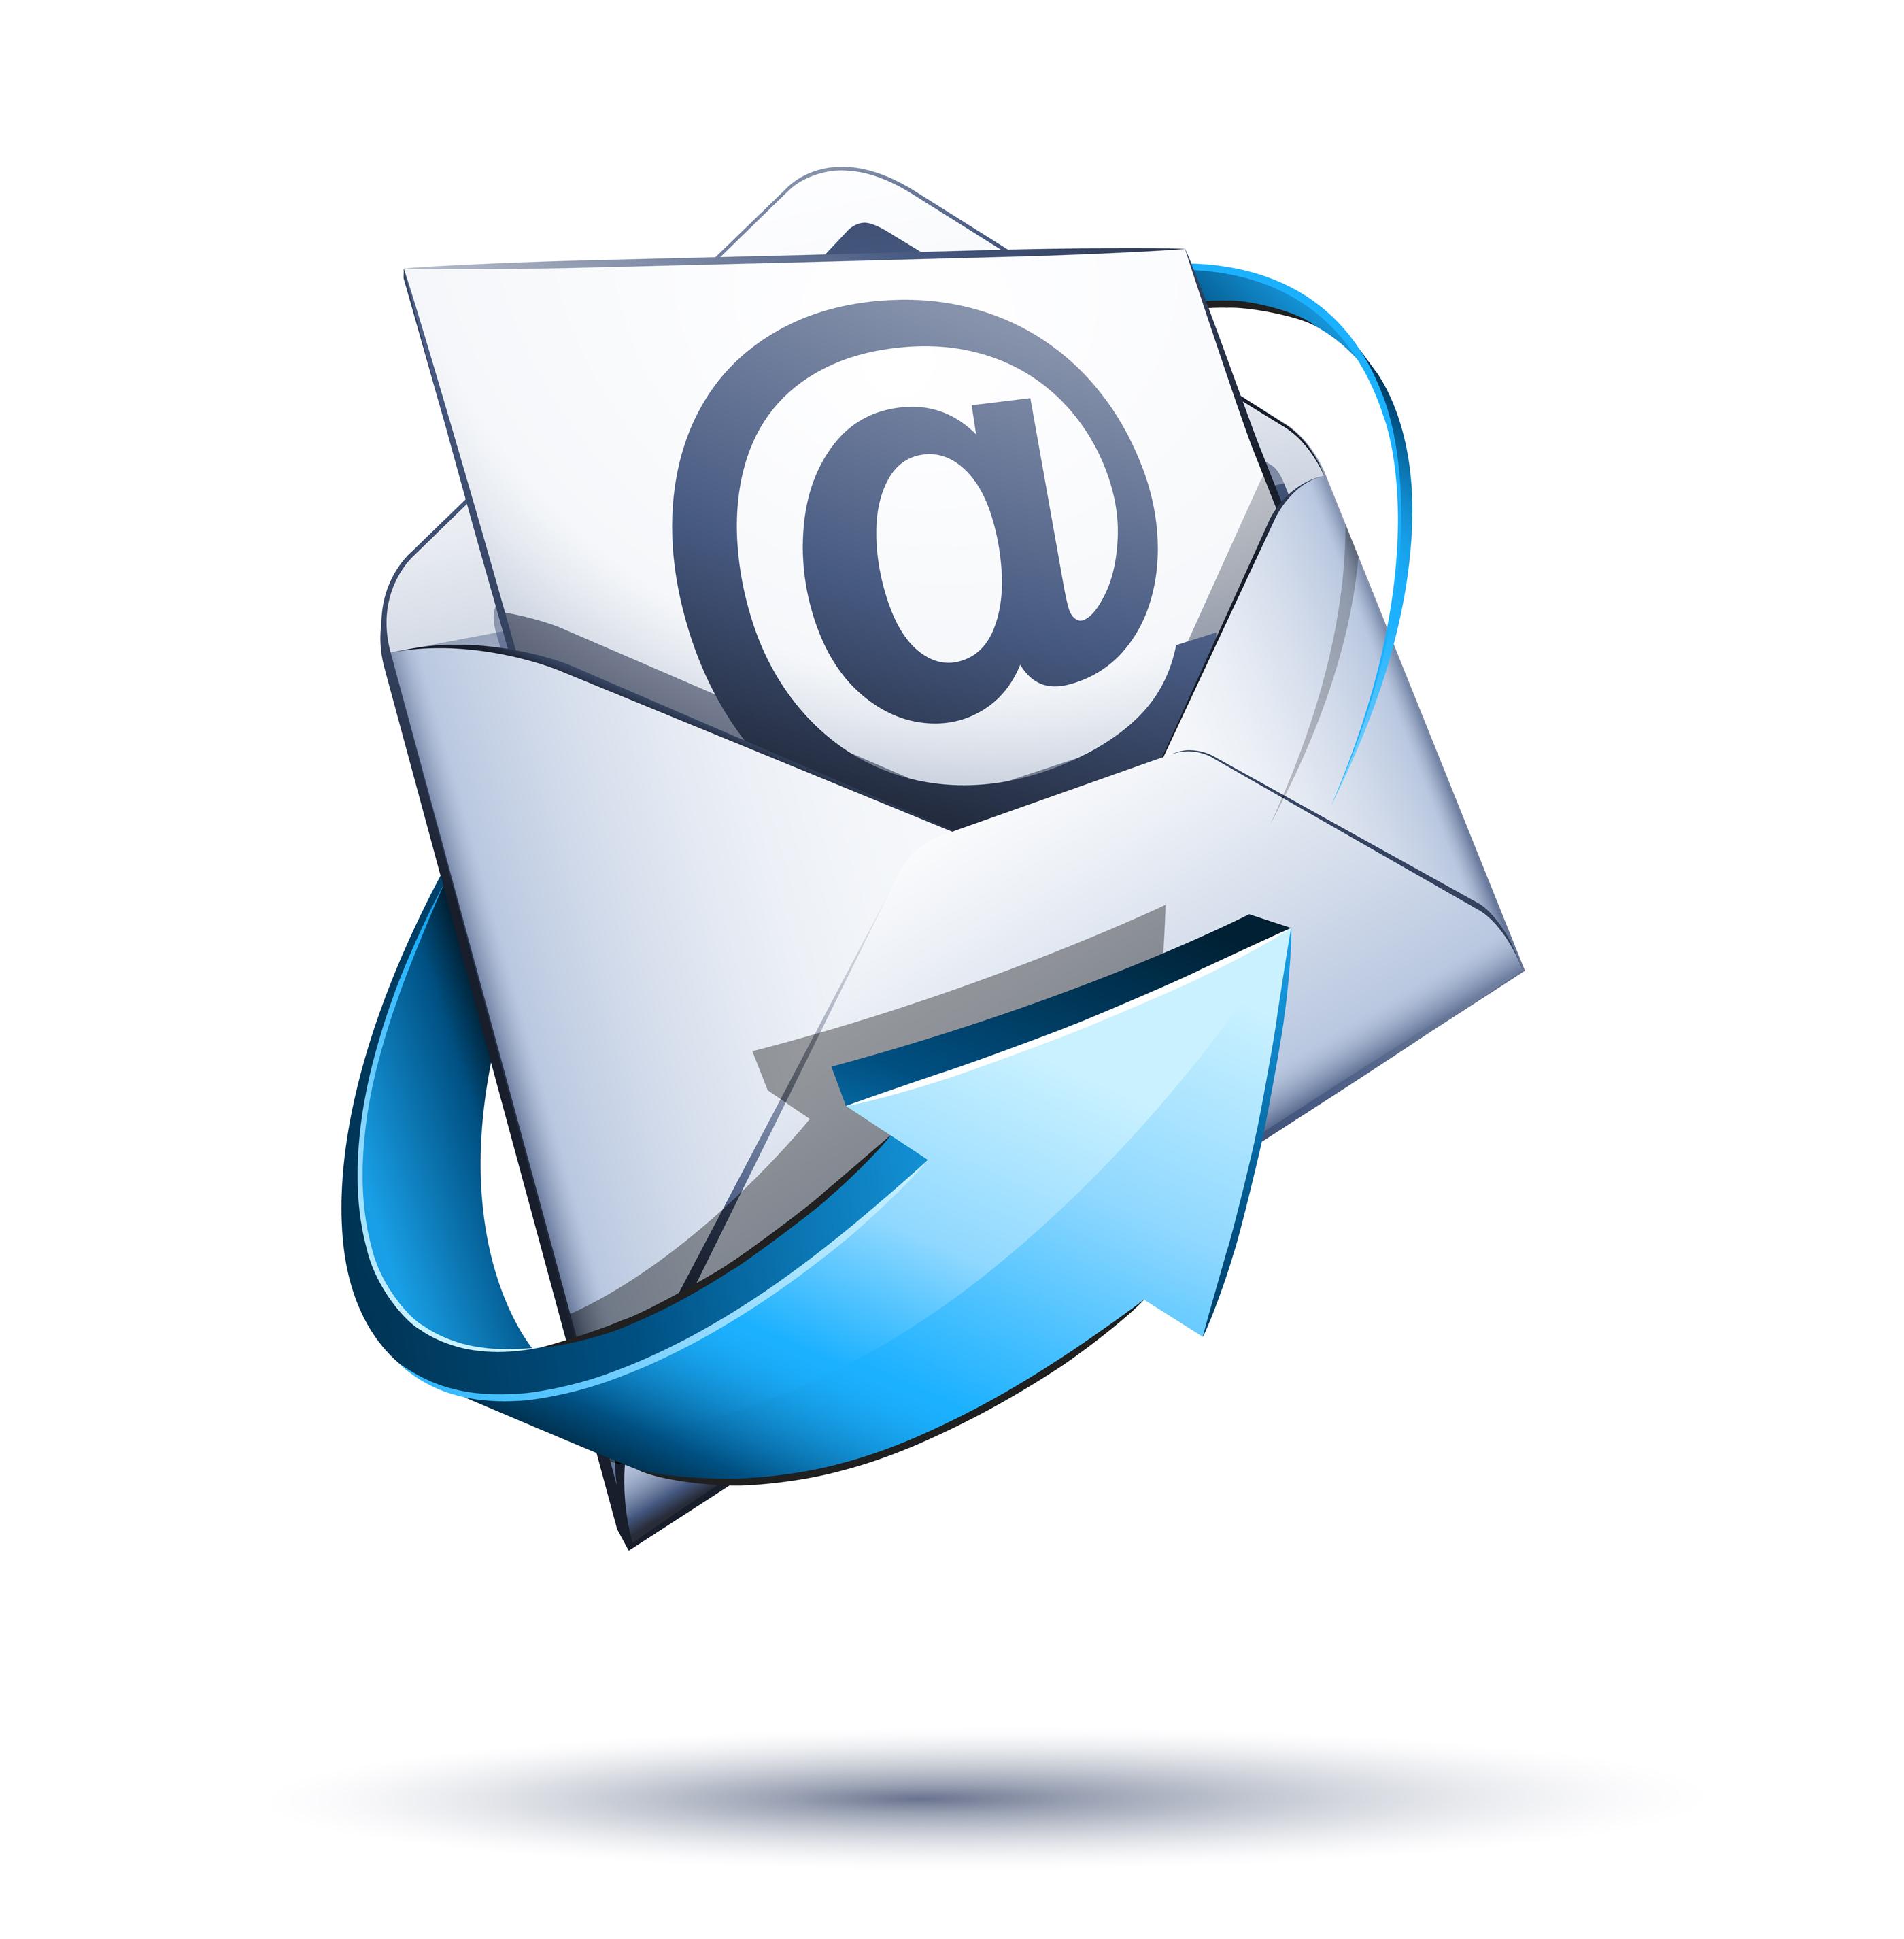 Как найти e-mail адрес :: как узнать электронный адрес человека ...